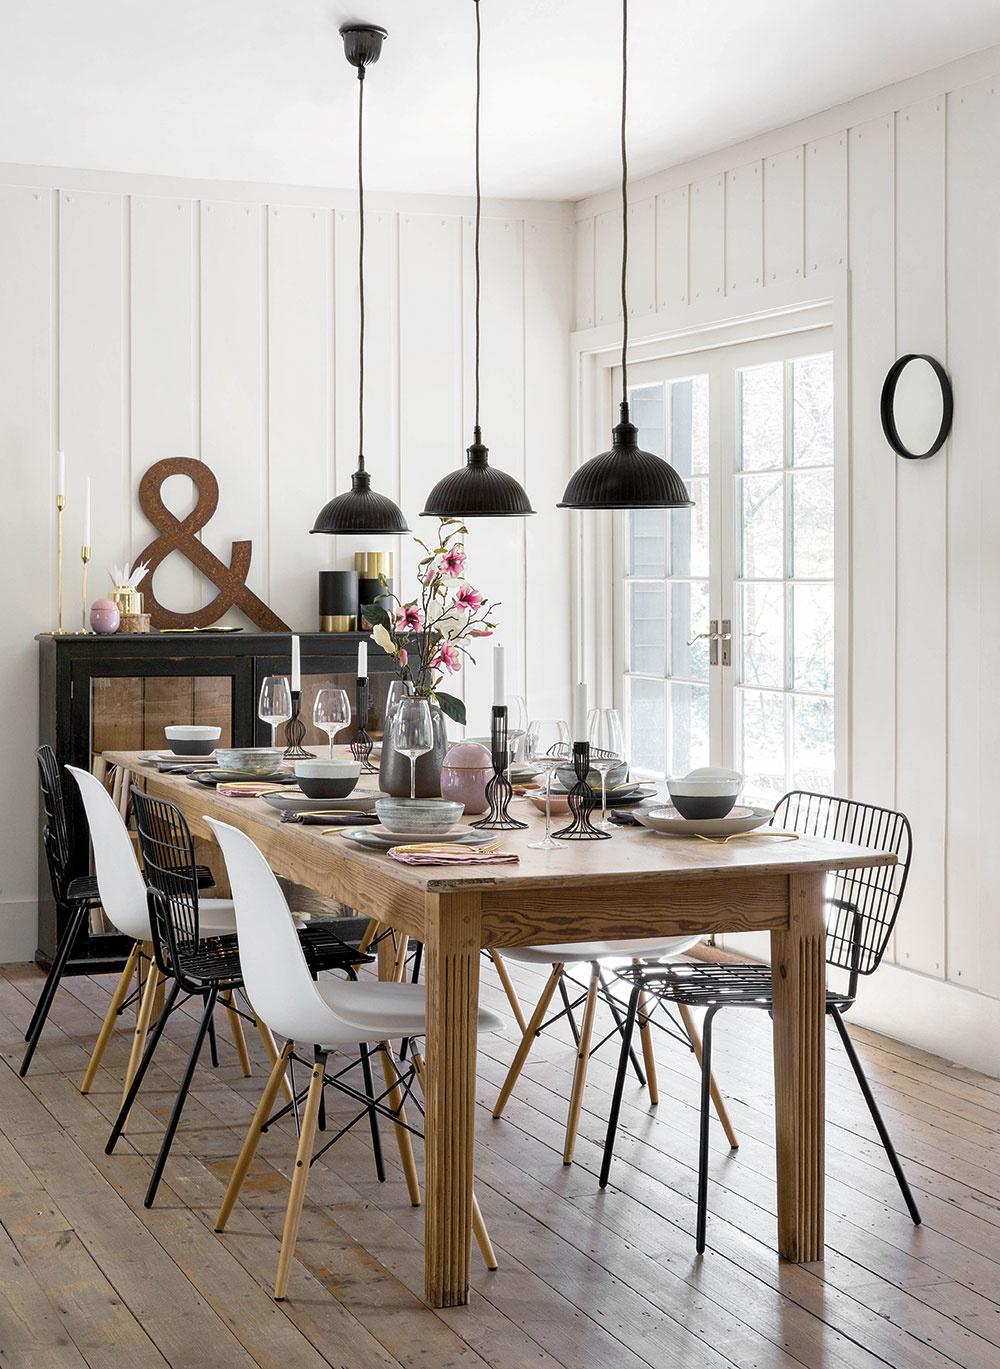 Hviezdou tohto interiéru je, samozrejme, veľký drevený stôl. Ten by skutočne nemal chýbať vo vidieckom dome. Takýto veľkorysý svetlý priestor, vktorom dominuje biela farba, je solídnym základom na miešanie hrušiek sjablkami. Pokojne pridružte ktradičnému masívnemu stolu moderné stoličky. Stále totiž platí, že kvalitný dizajn je nadčasový aznesie sa aj so staršími kúskami nábytku.